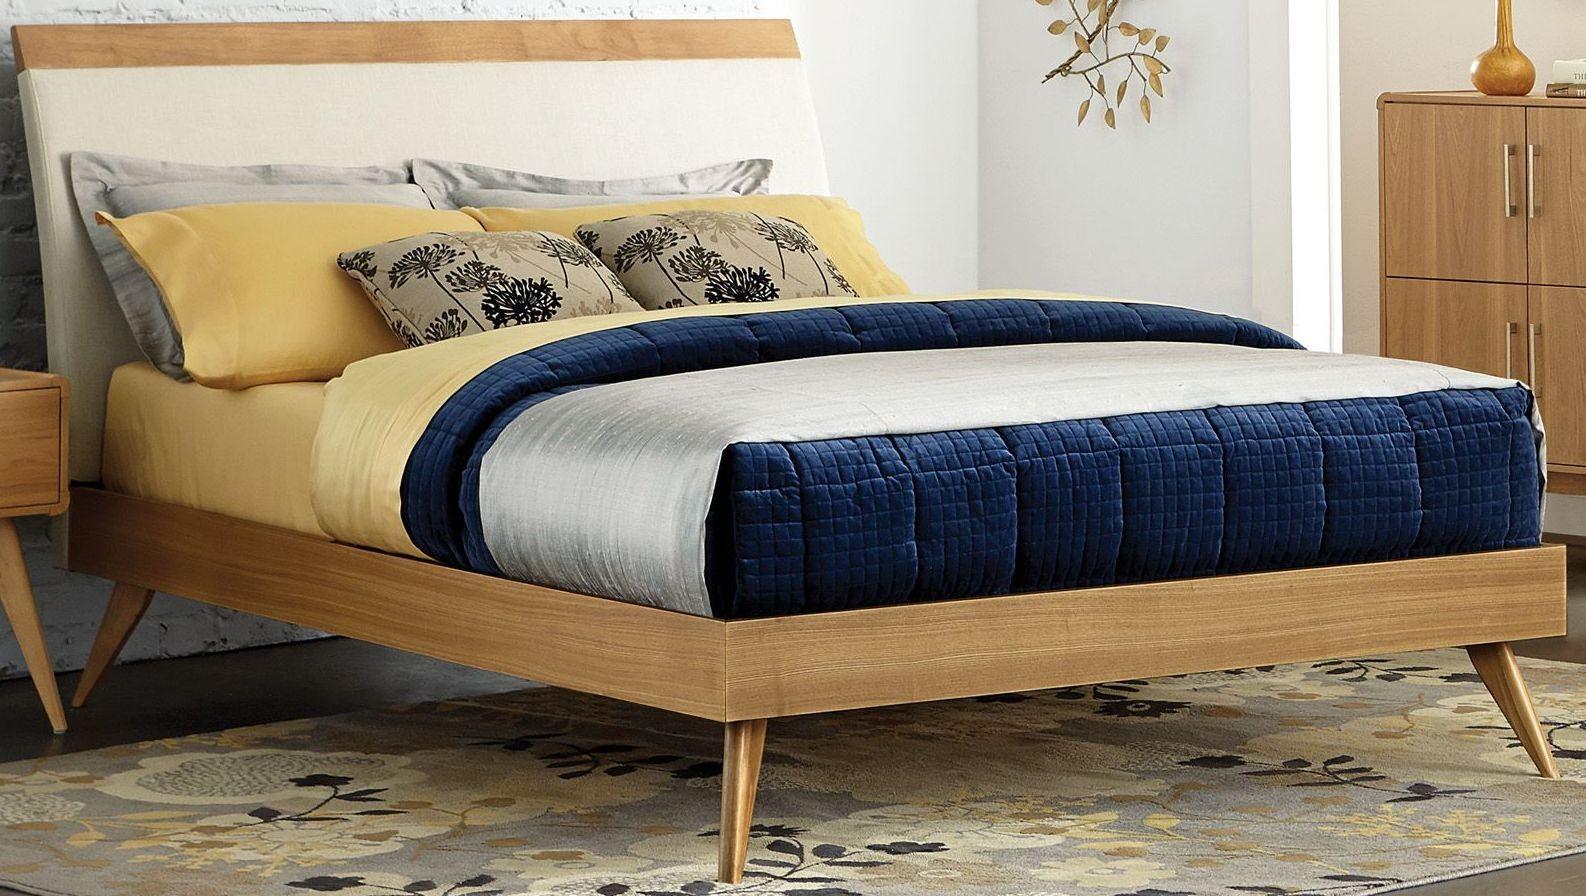 Anika Brown King Upholstered Platform Bed From Homelegance